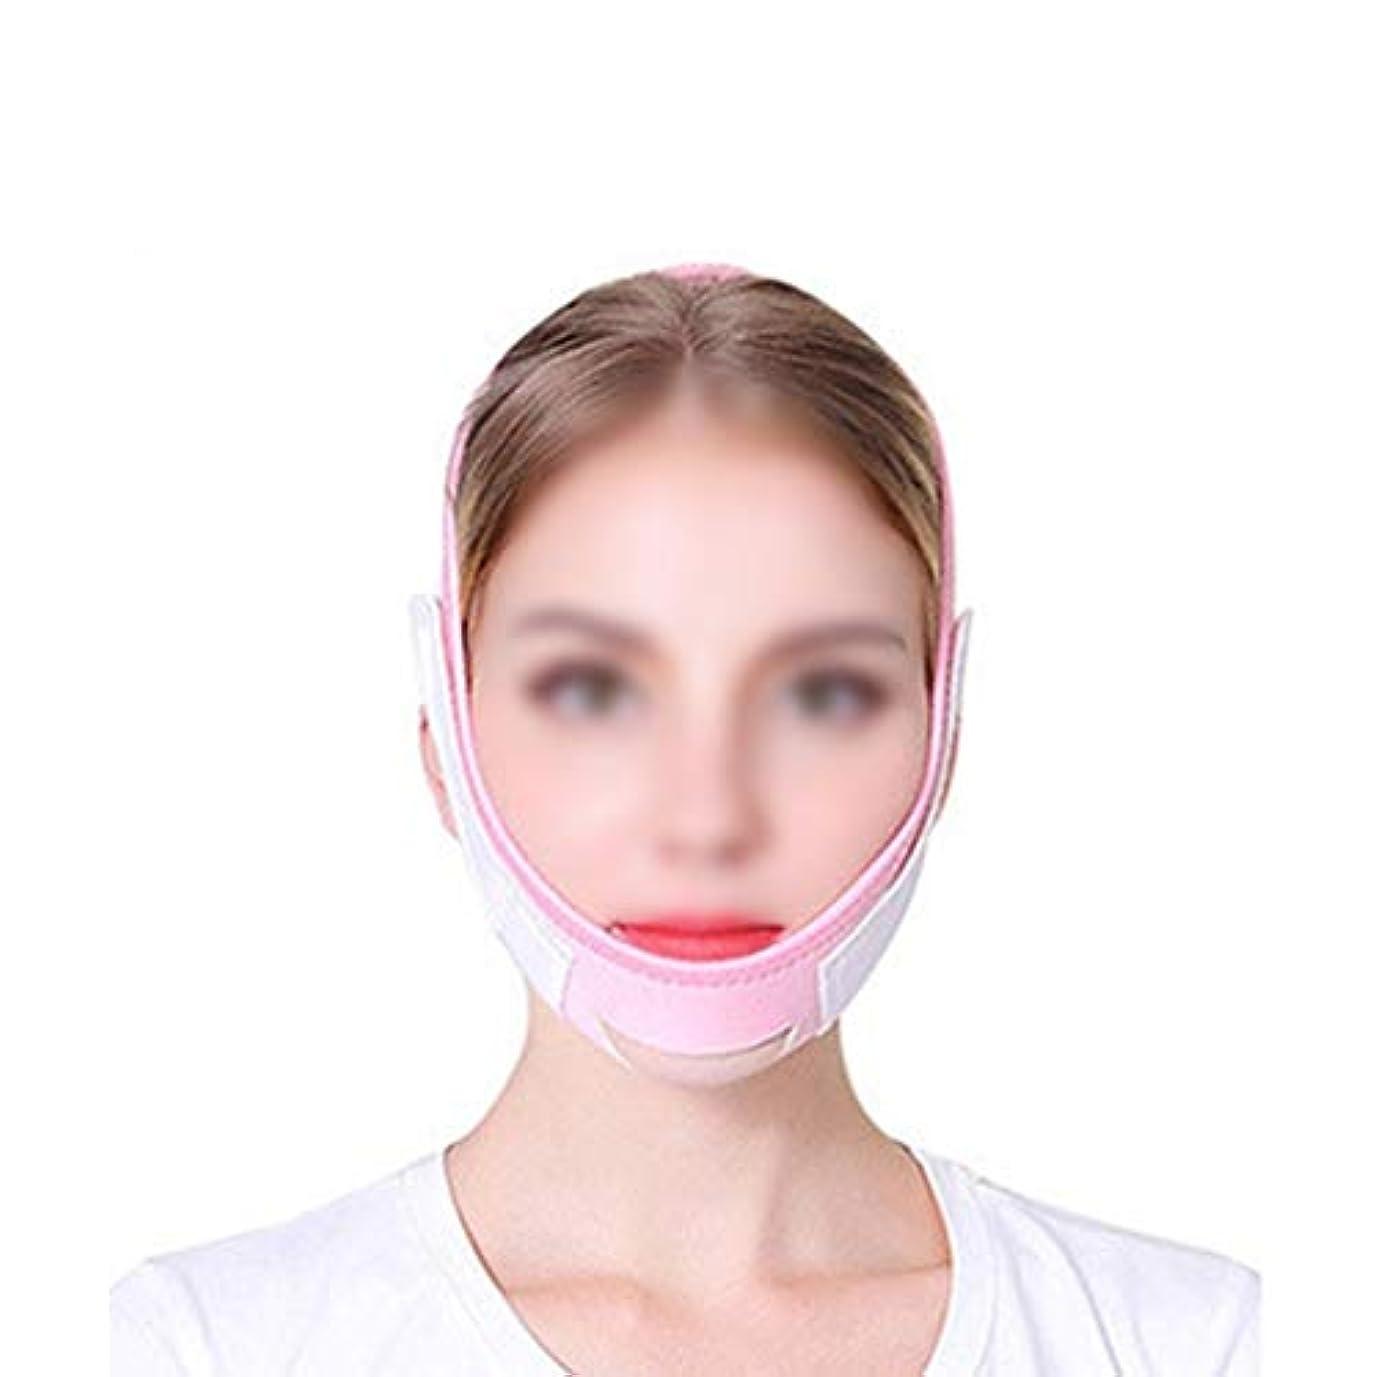 謝る全滅させる風刺XHLMRMJ しわ防止フェイシャル減量ベルト、フェイスリフティング包帯、フェイスリフティングマスク、リフティングフェイスバンド、スキンバンデージ(フリーサイズ) (Color : Powder white)